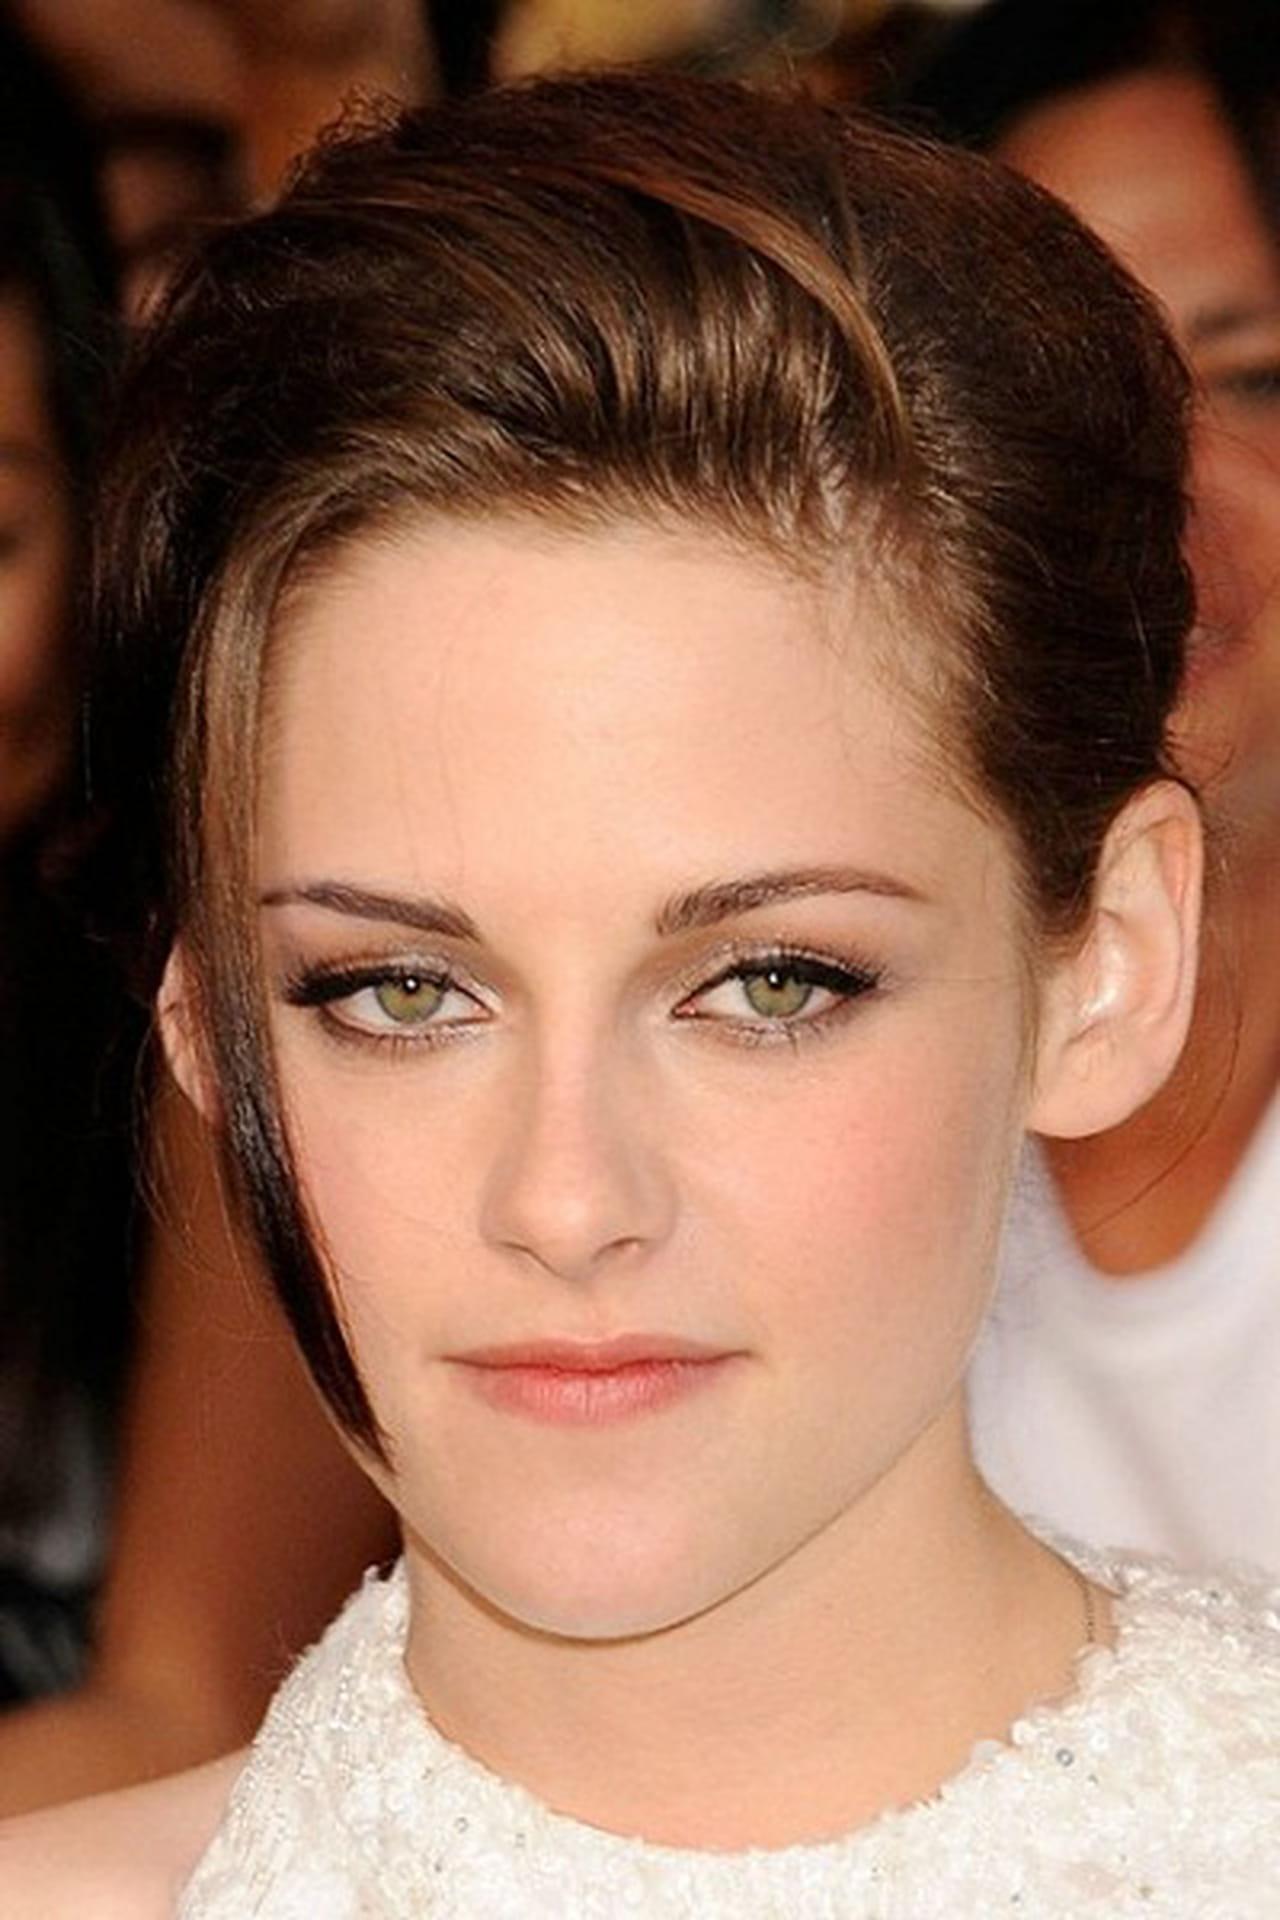 Фото актрисы кристен стюарт без макияжа